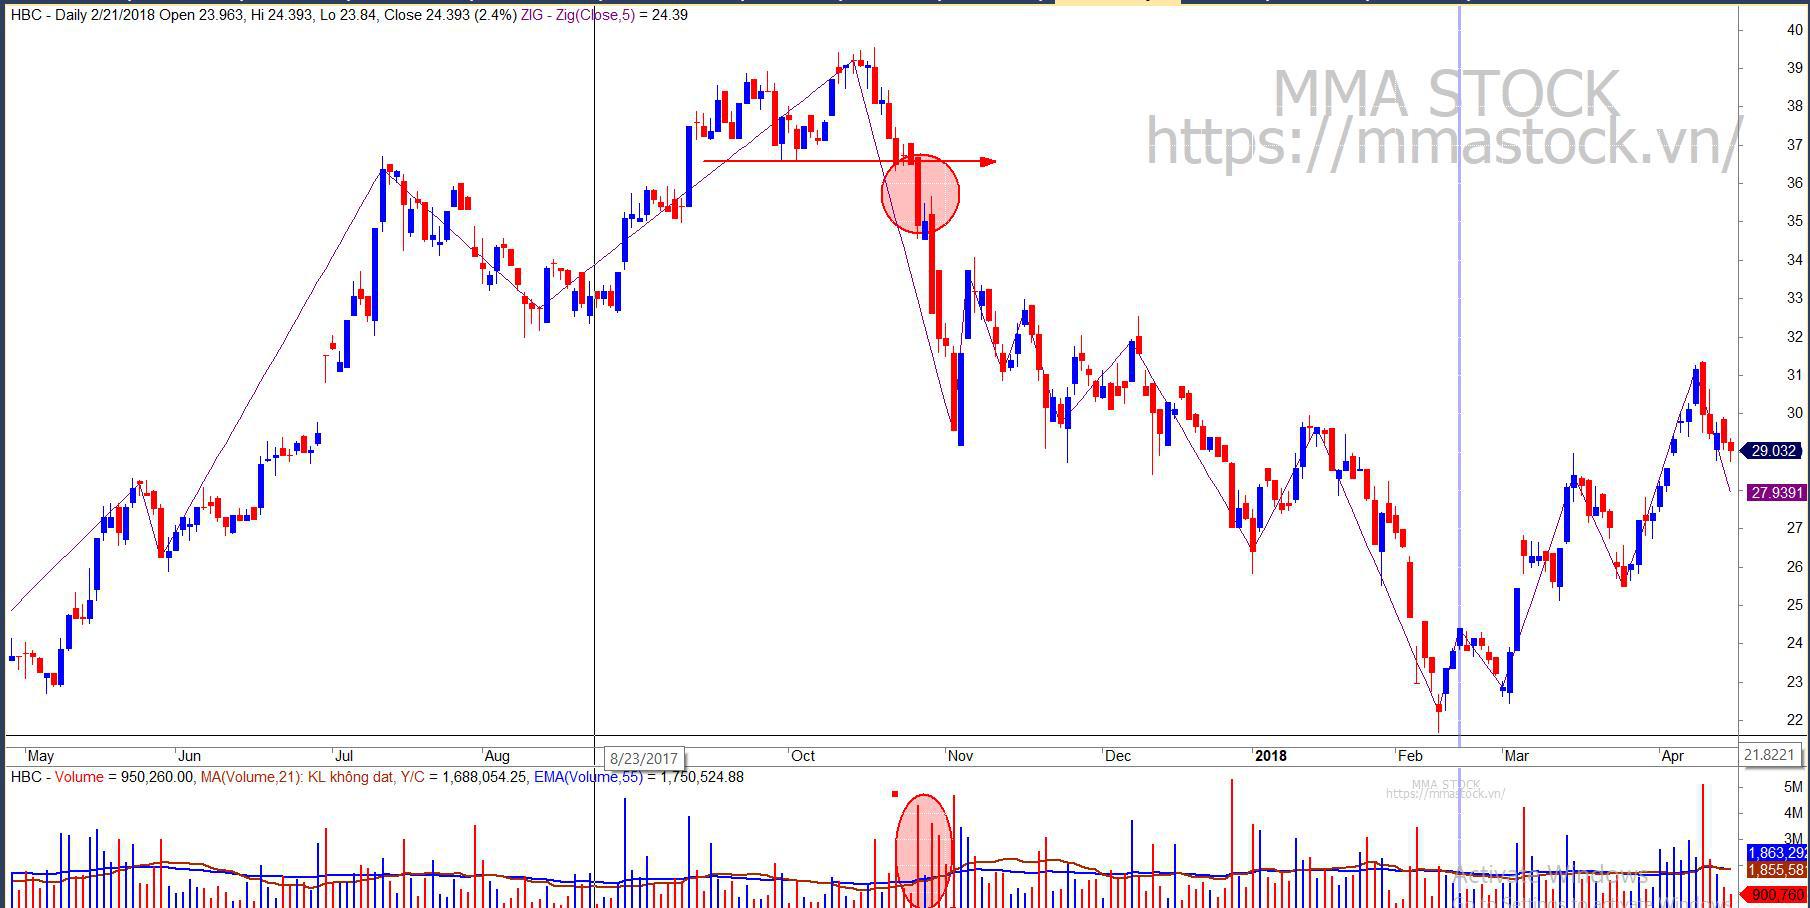 Nhà đầu tư cần biết: Thị trường chứng khoán và cổ phiếu gửi đi thông điệp gì từ nến và khối lượng? - Ảnh 10.